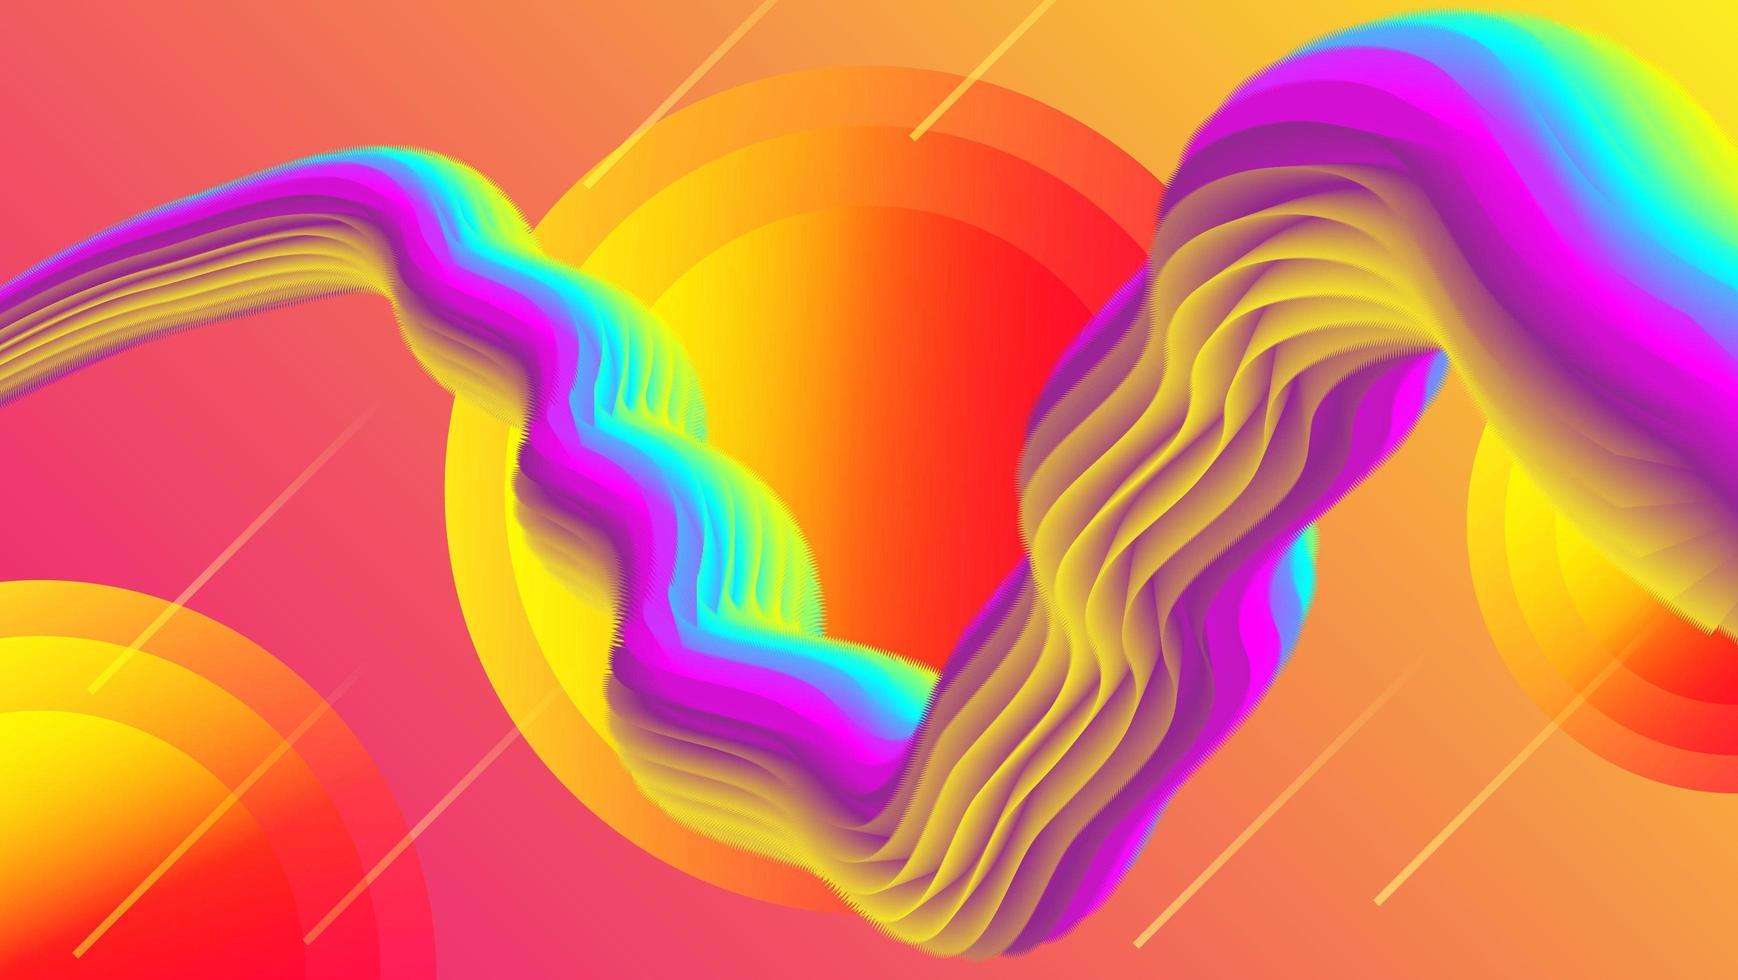 Conception de marbre fluide coloré vecteur